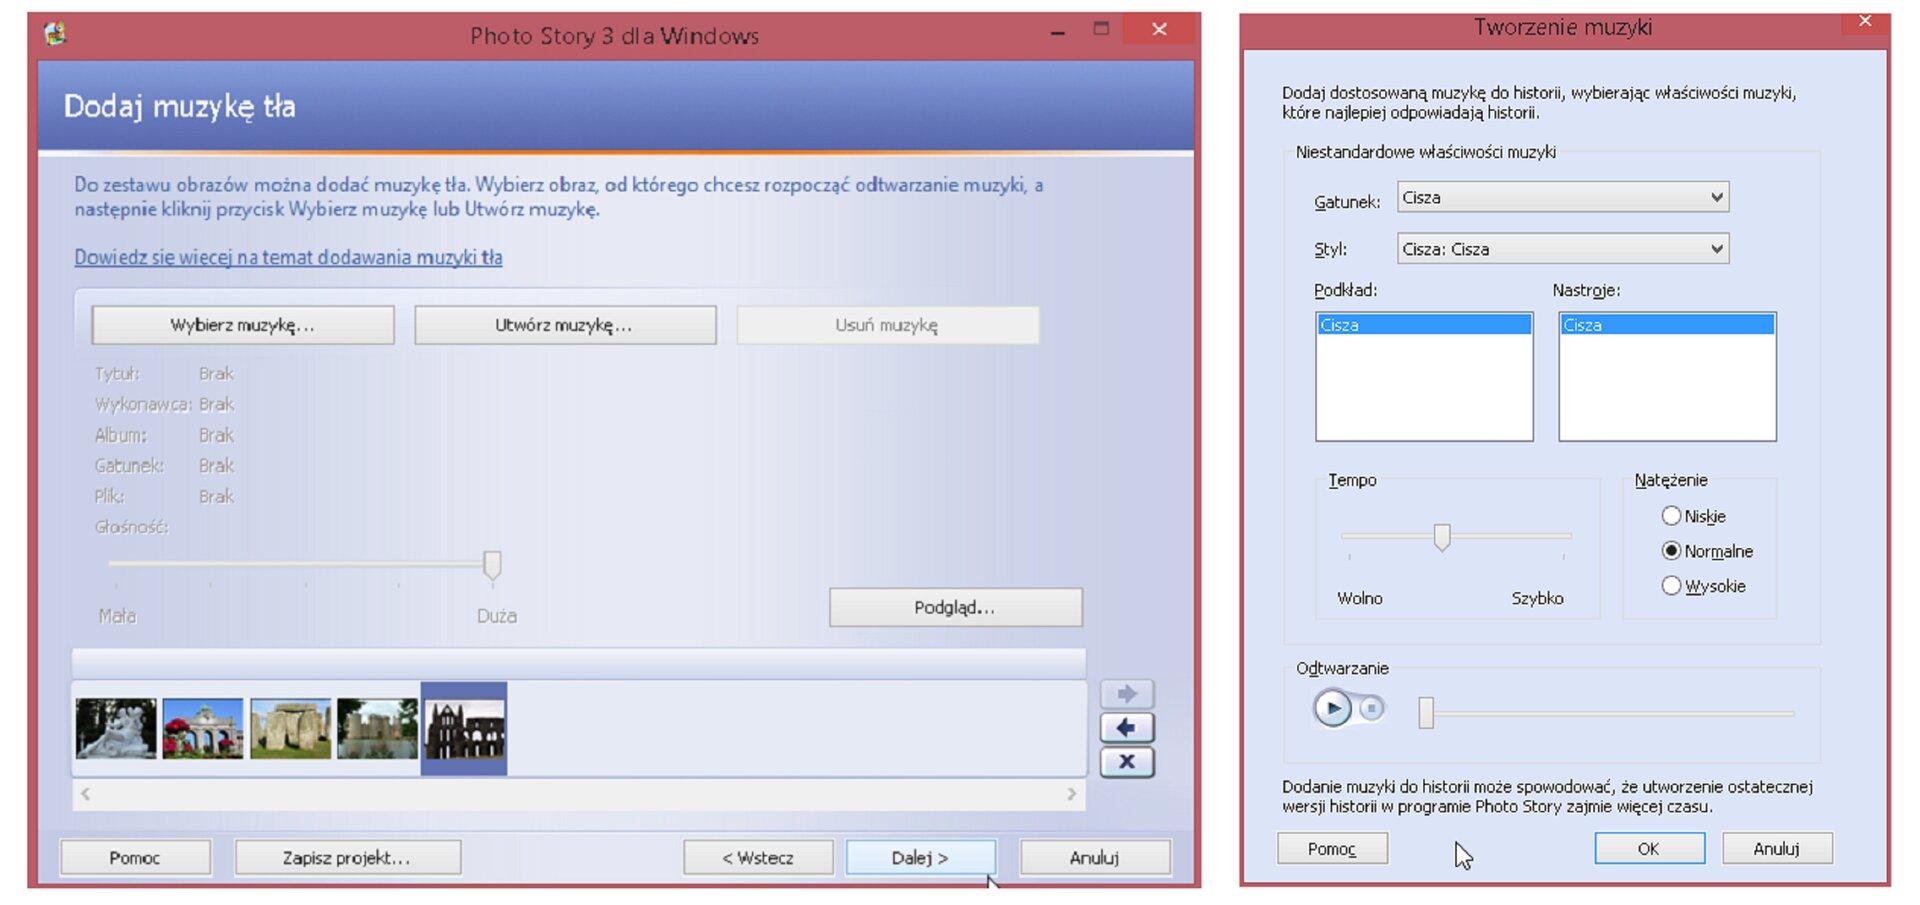 Zrzut okien: Dodaj muzykę tła oraz Tworzenie muzyki wprogramie Photo Story 3 dla Windows